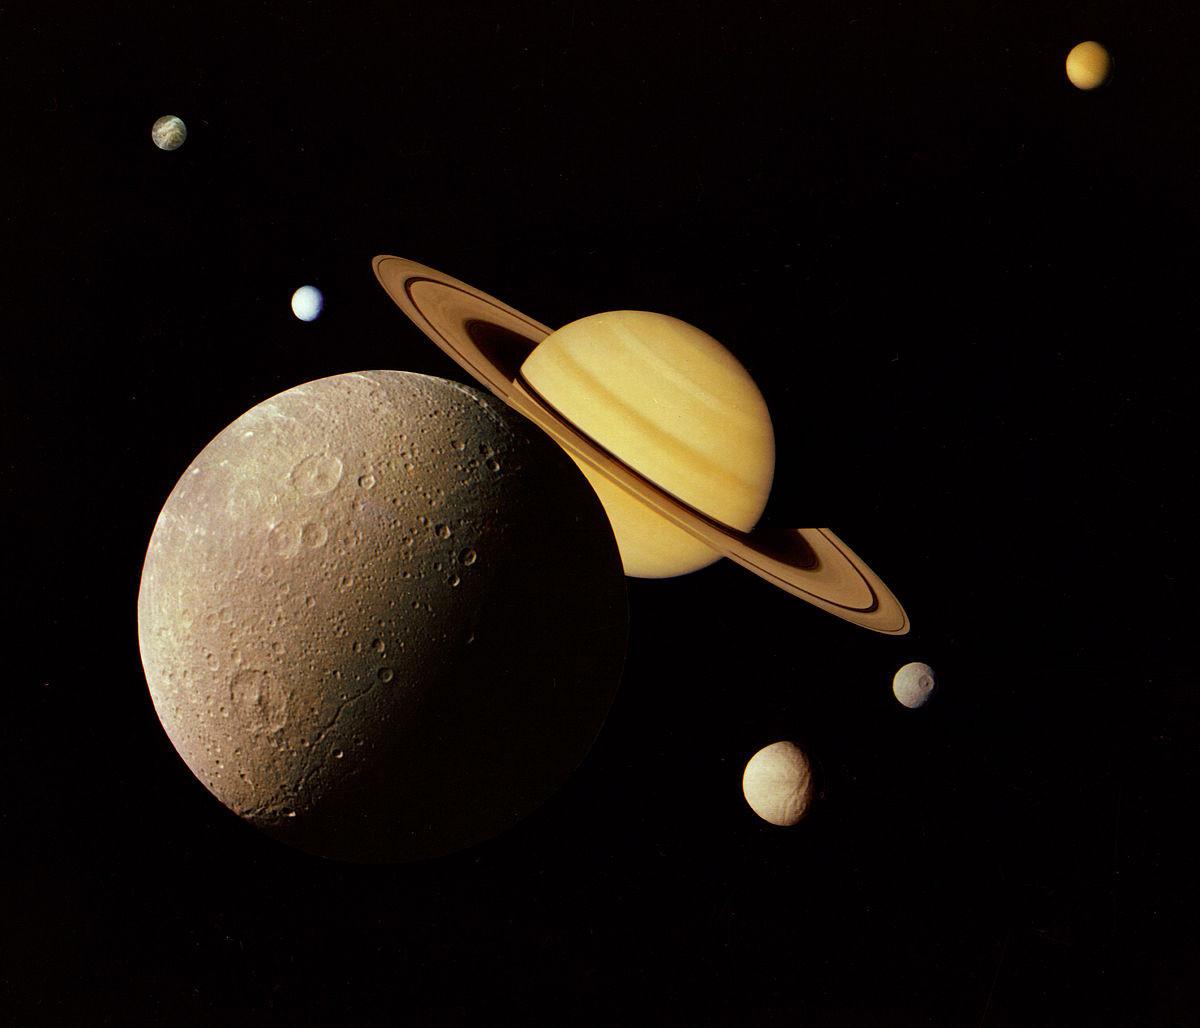 Les satellites de Saturne et la mythologie nordique